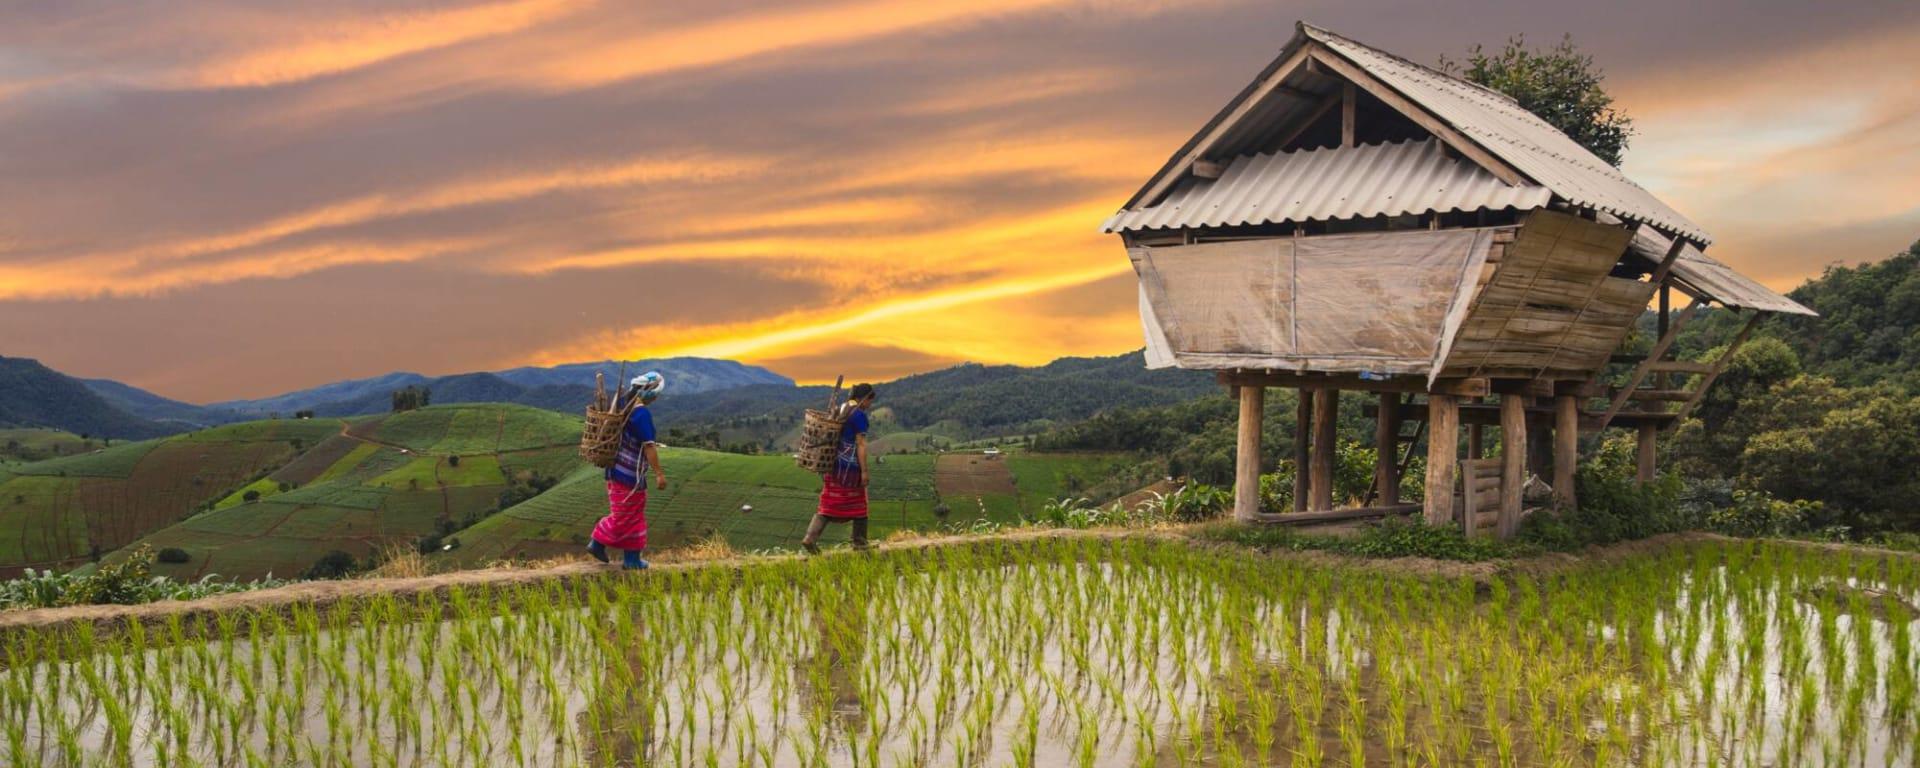 Thailand entdecken mit Tischler Reisen: Thailand Bergvölker Mae Hong Son